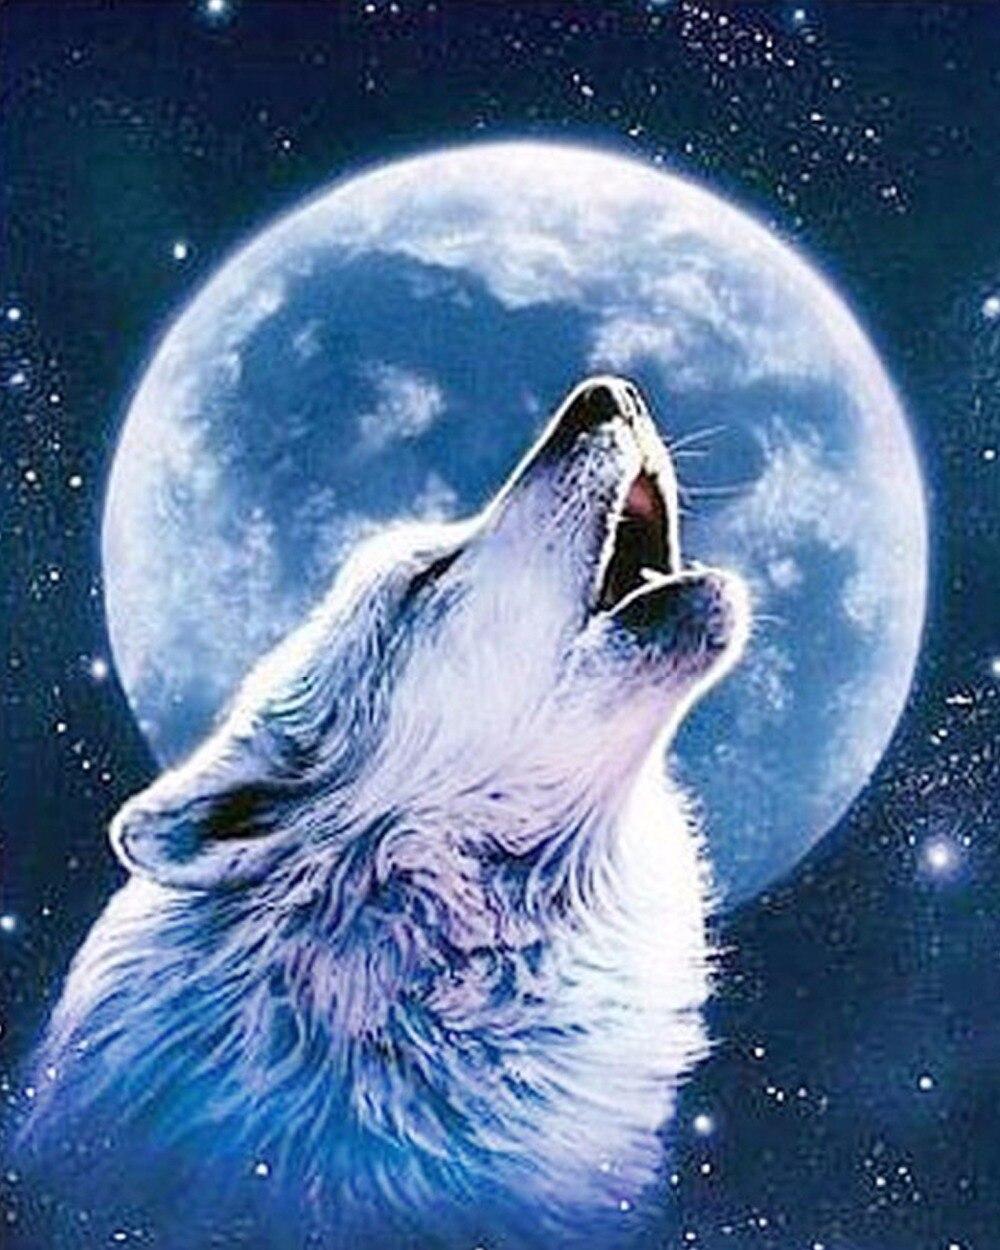 Lupi luna diy 5d diamante diamante ricamo immagini disegni for Disegni di lupi facili